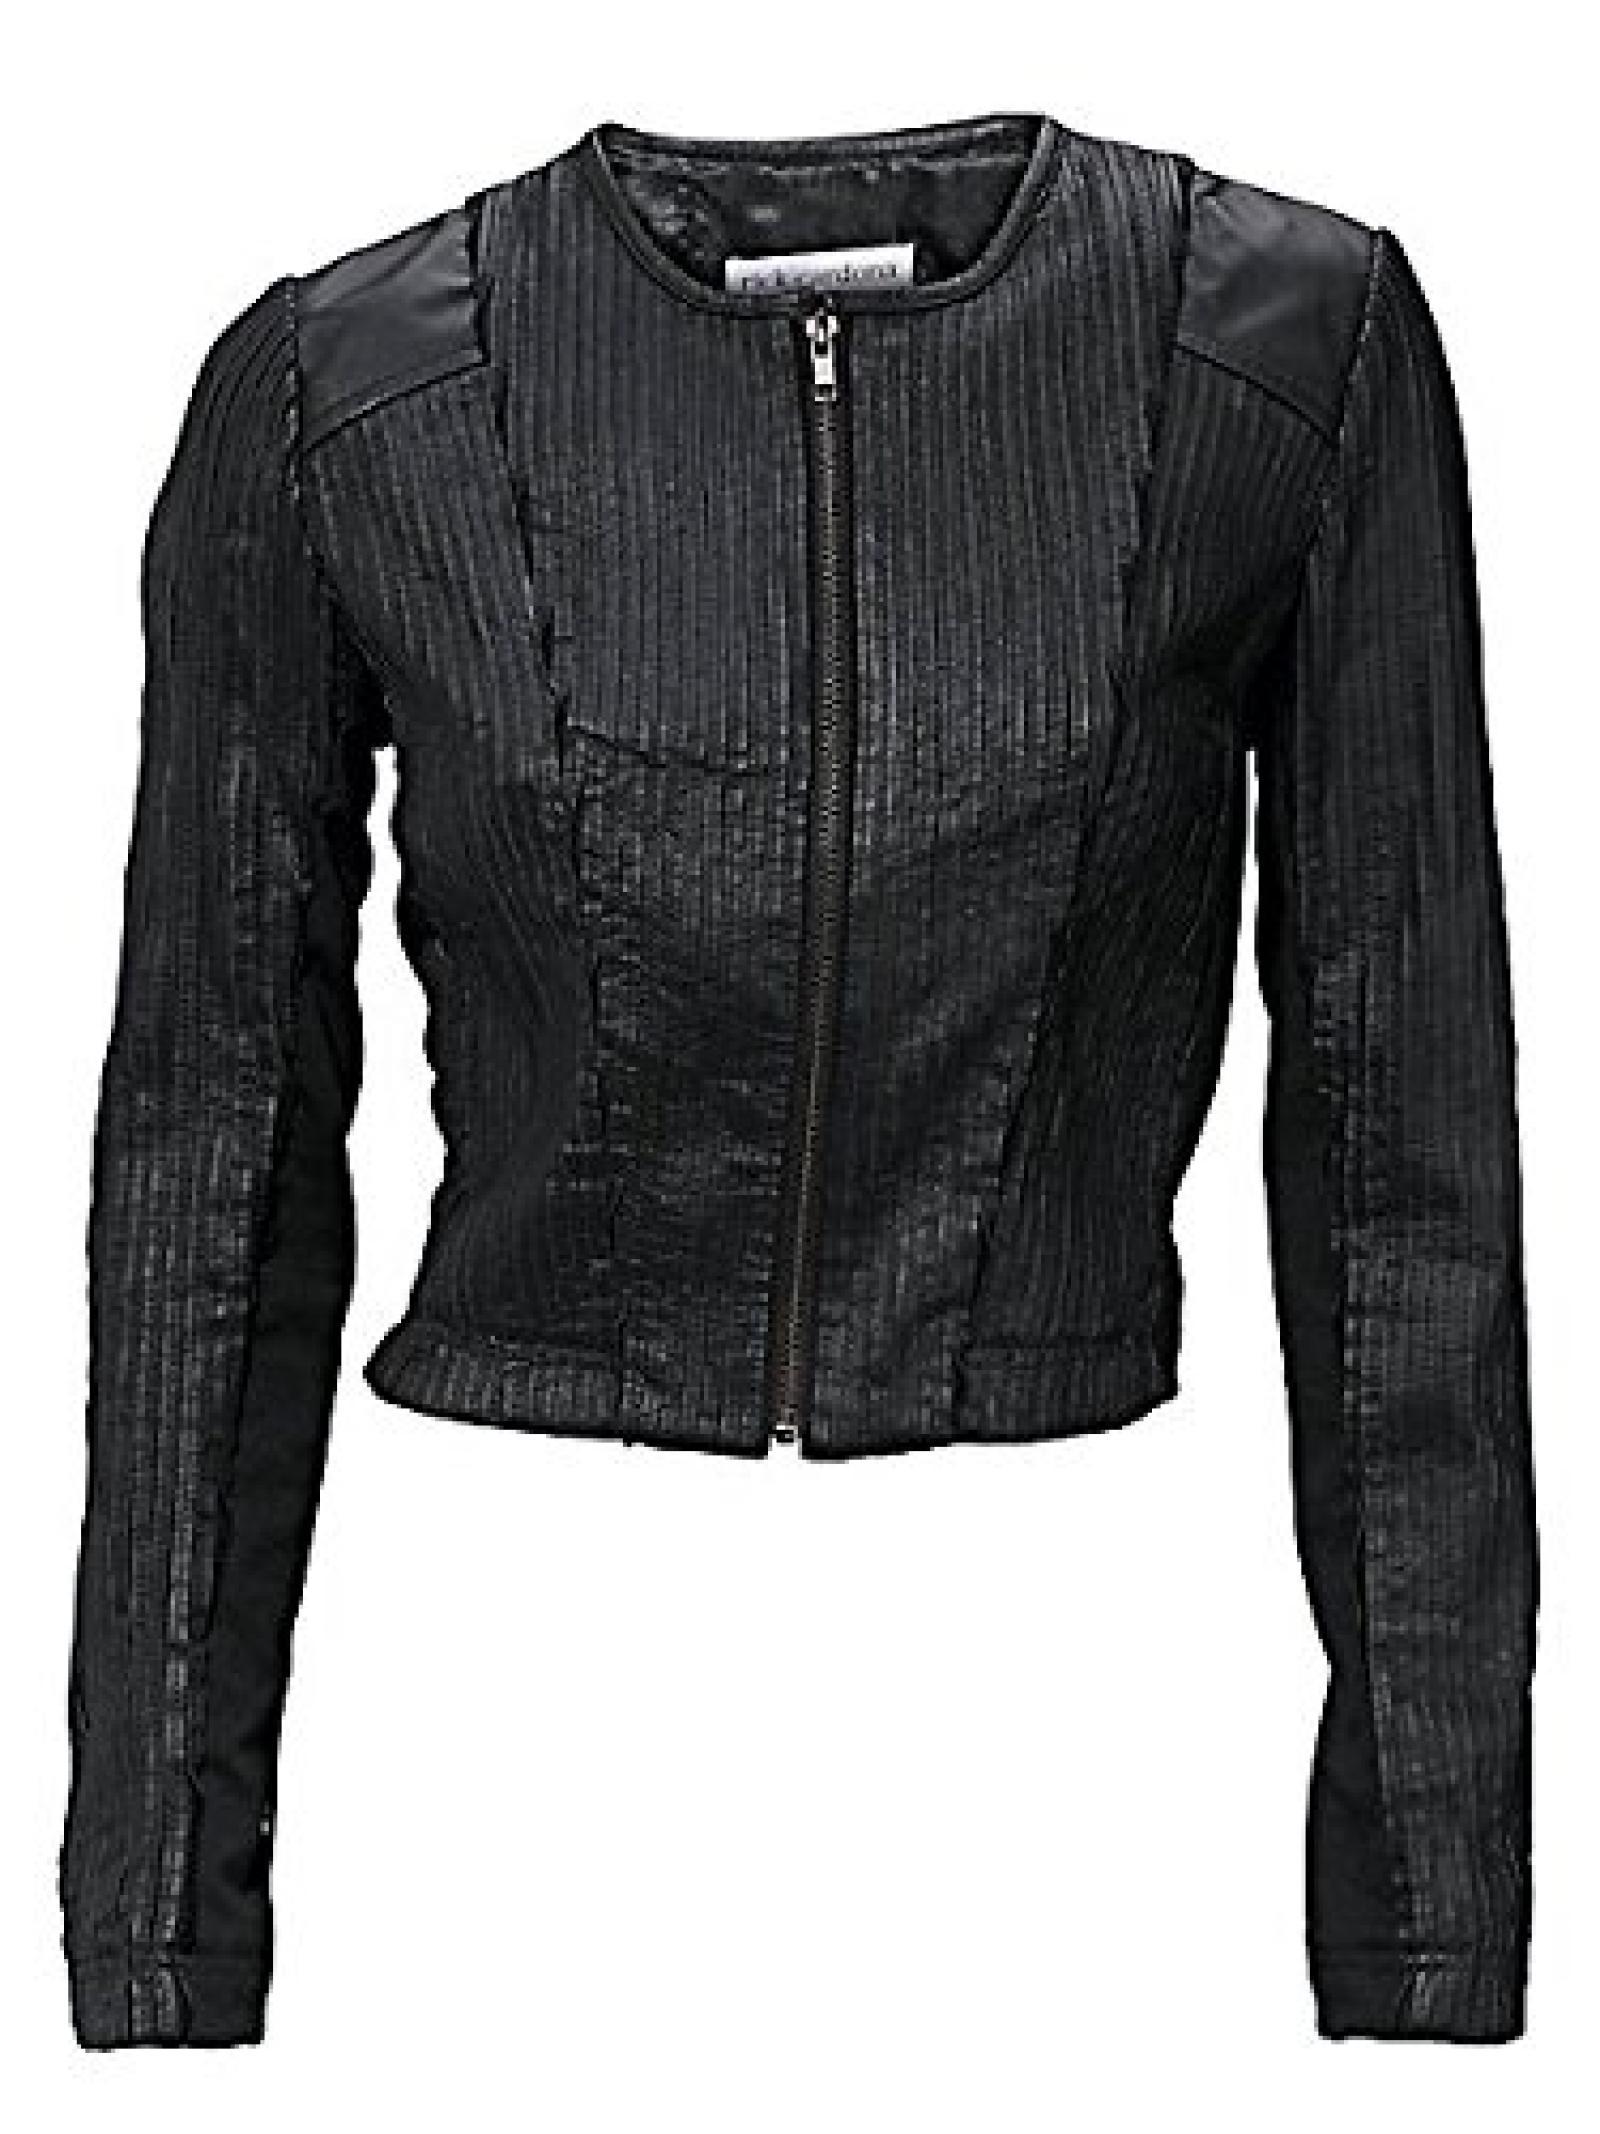 Damen RICK CARDONA Lederjacke in schwarz - Größe: 40